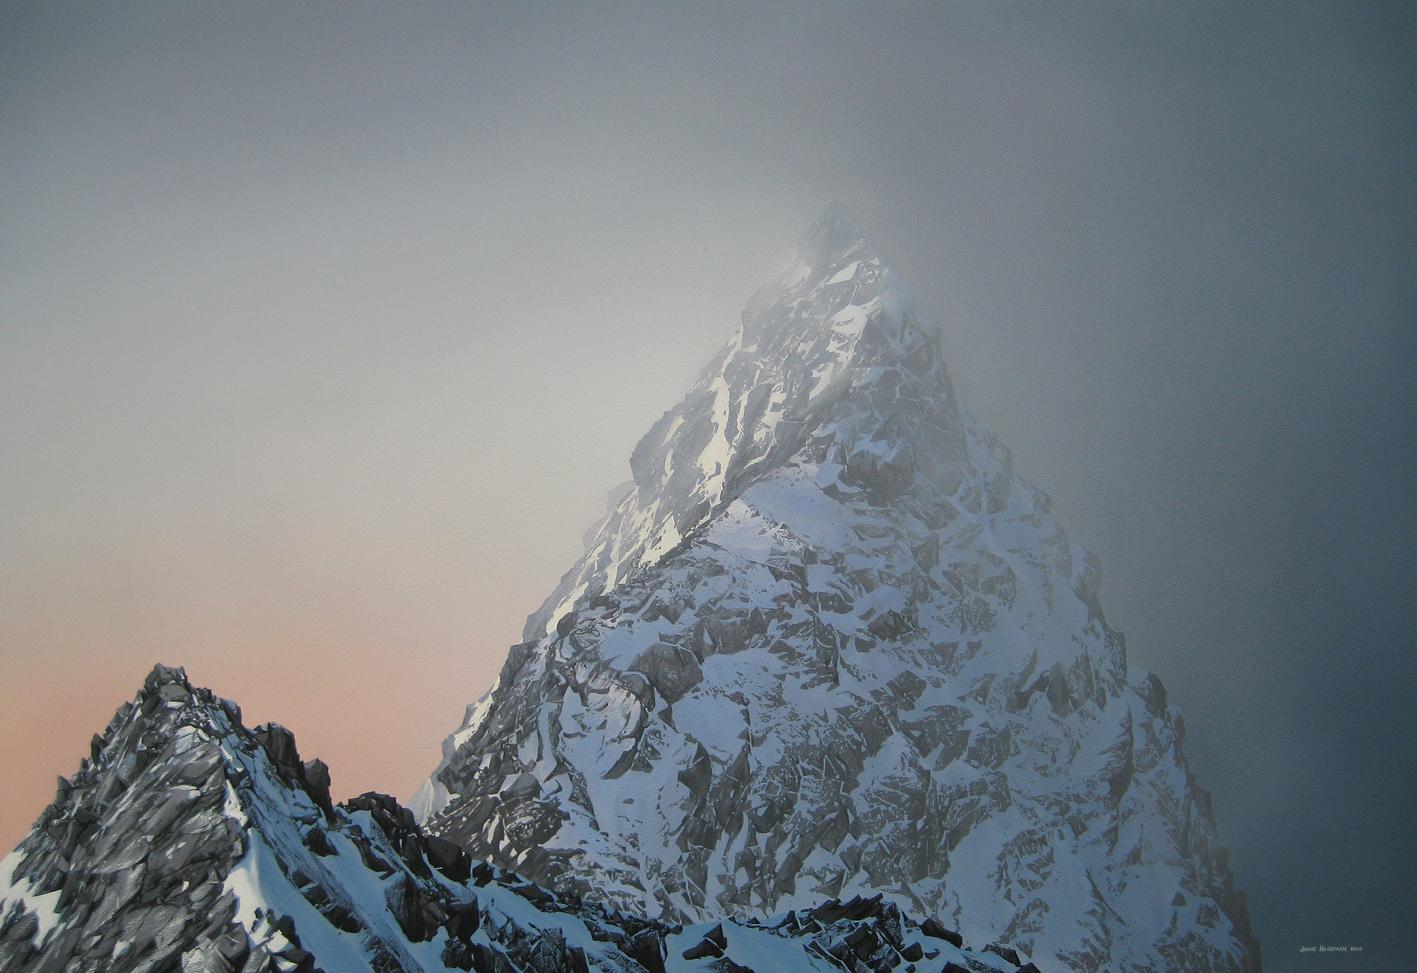 Cuillin Ridge mist